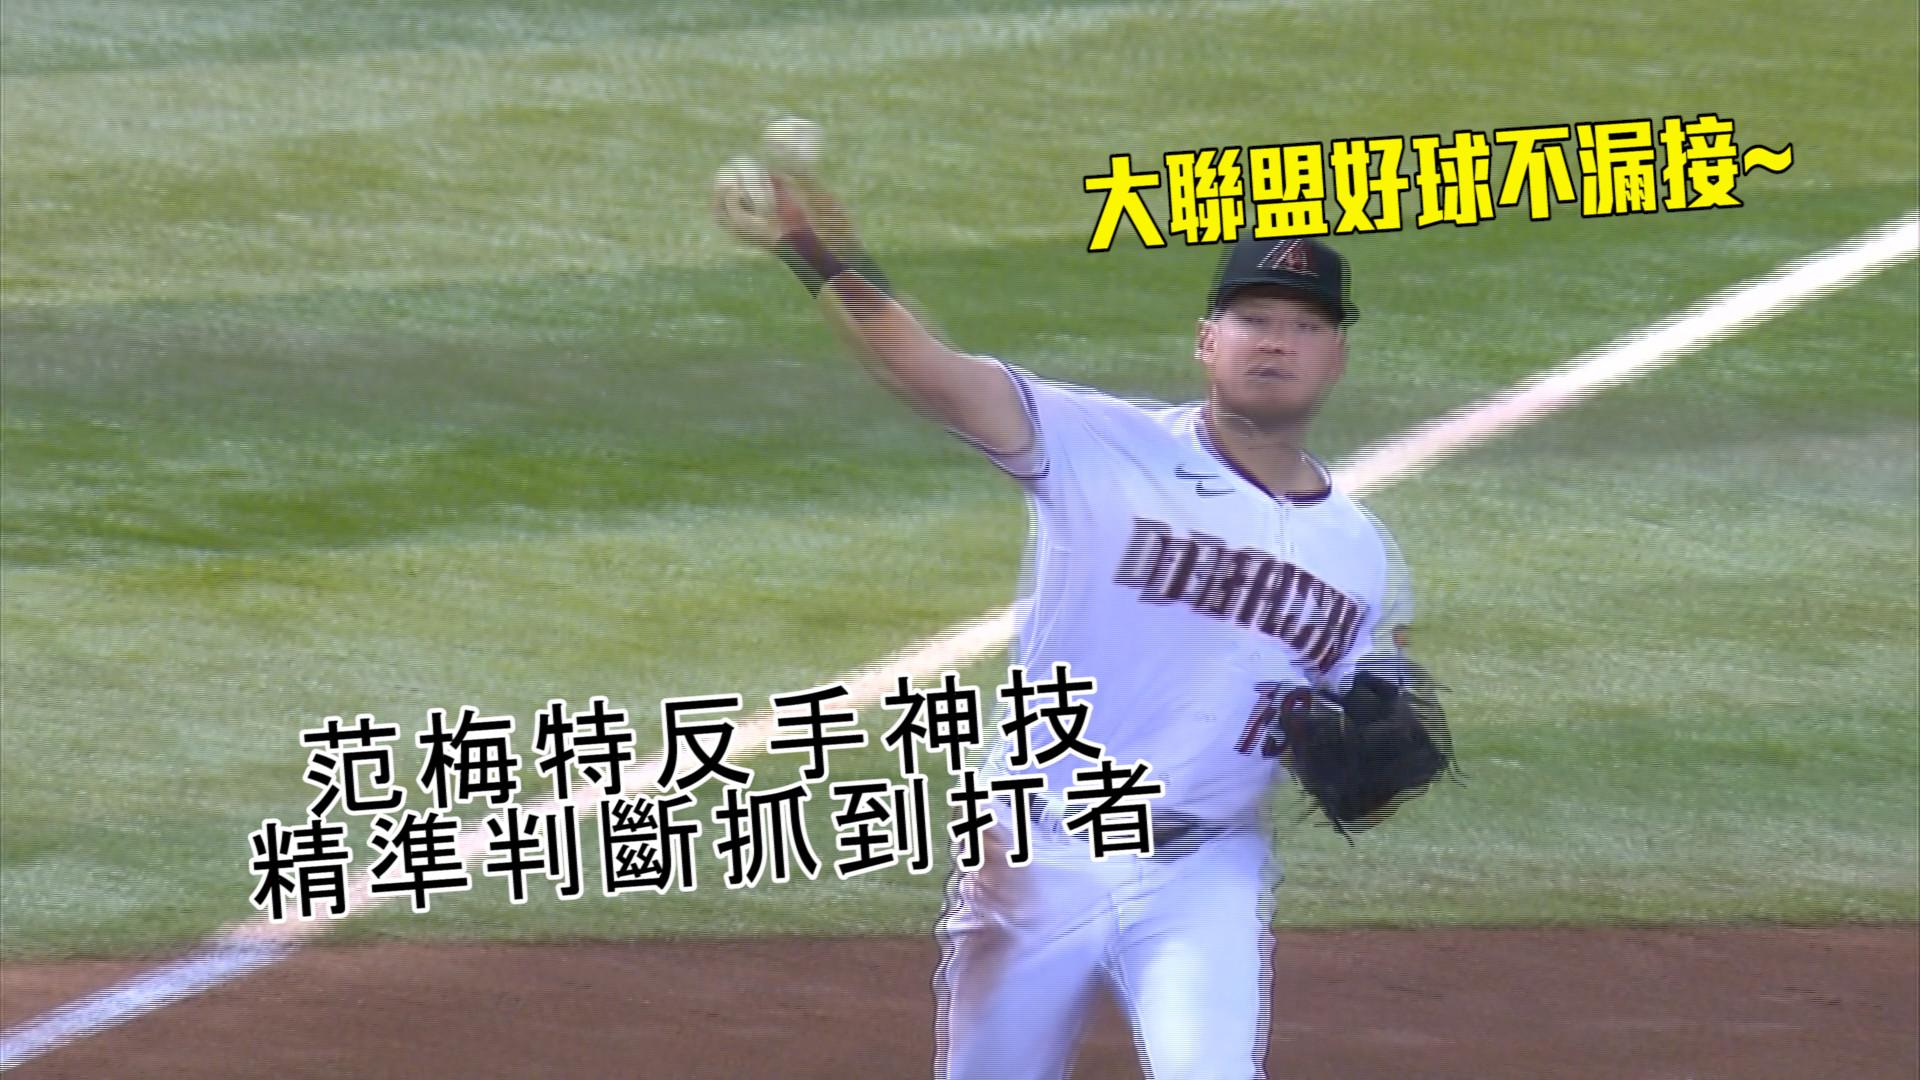 【MLB看愛爾達】美國職棒大聯盟 五大精彩好球大放送 08/31